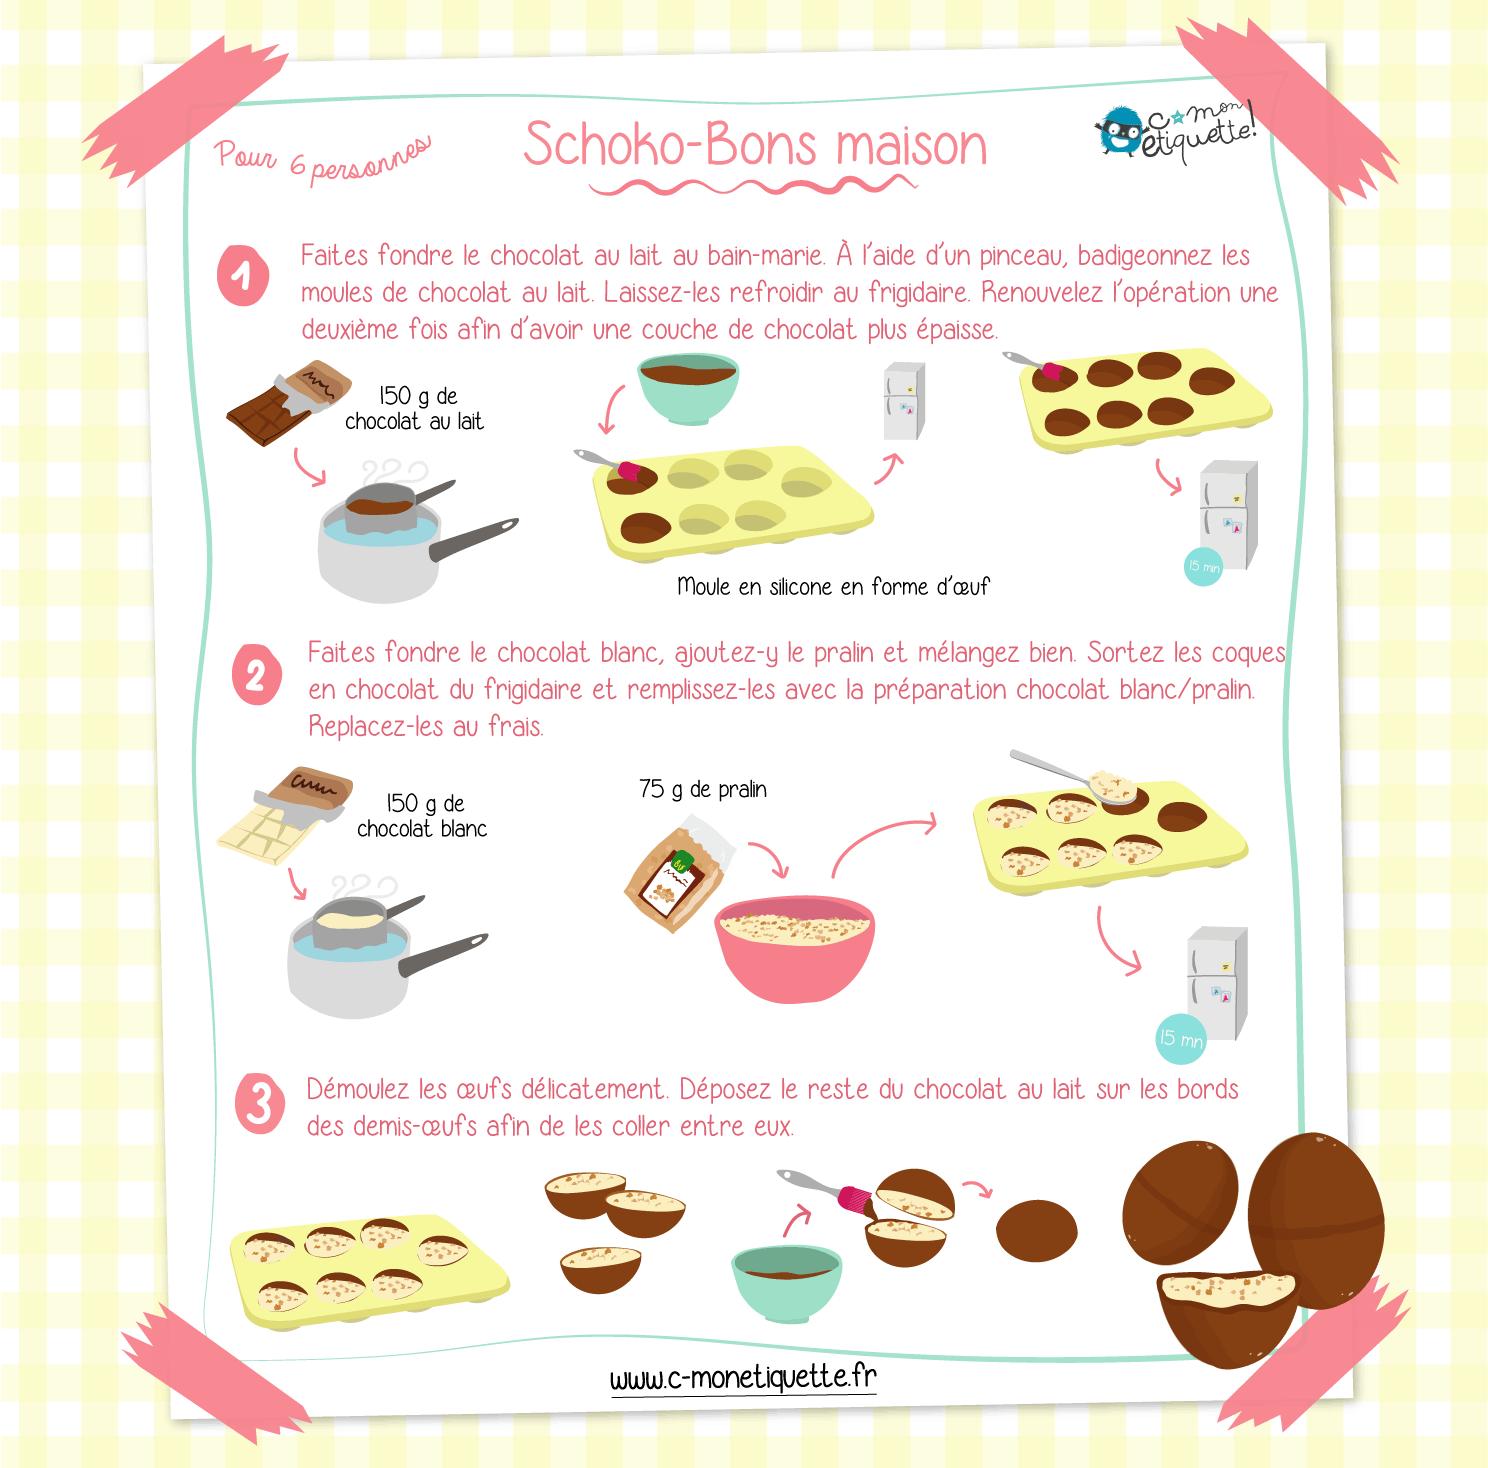 Régalez vous avec cette recette de schoko bons maison !